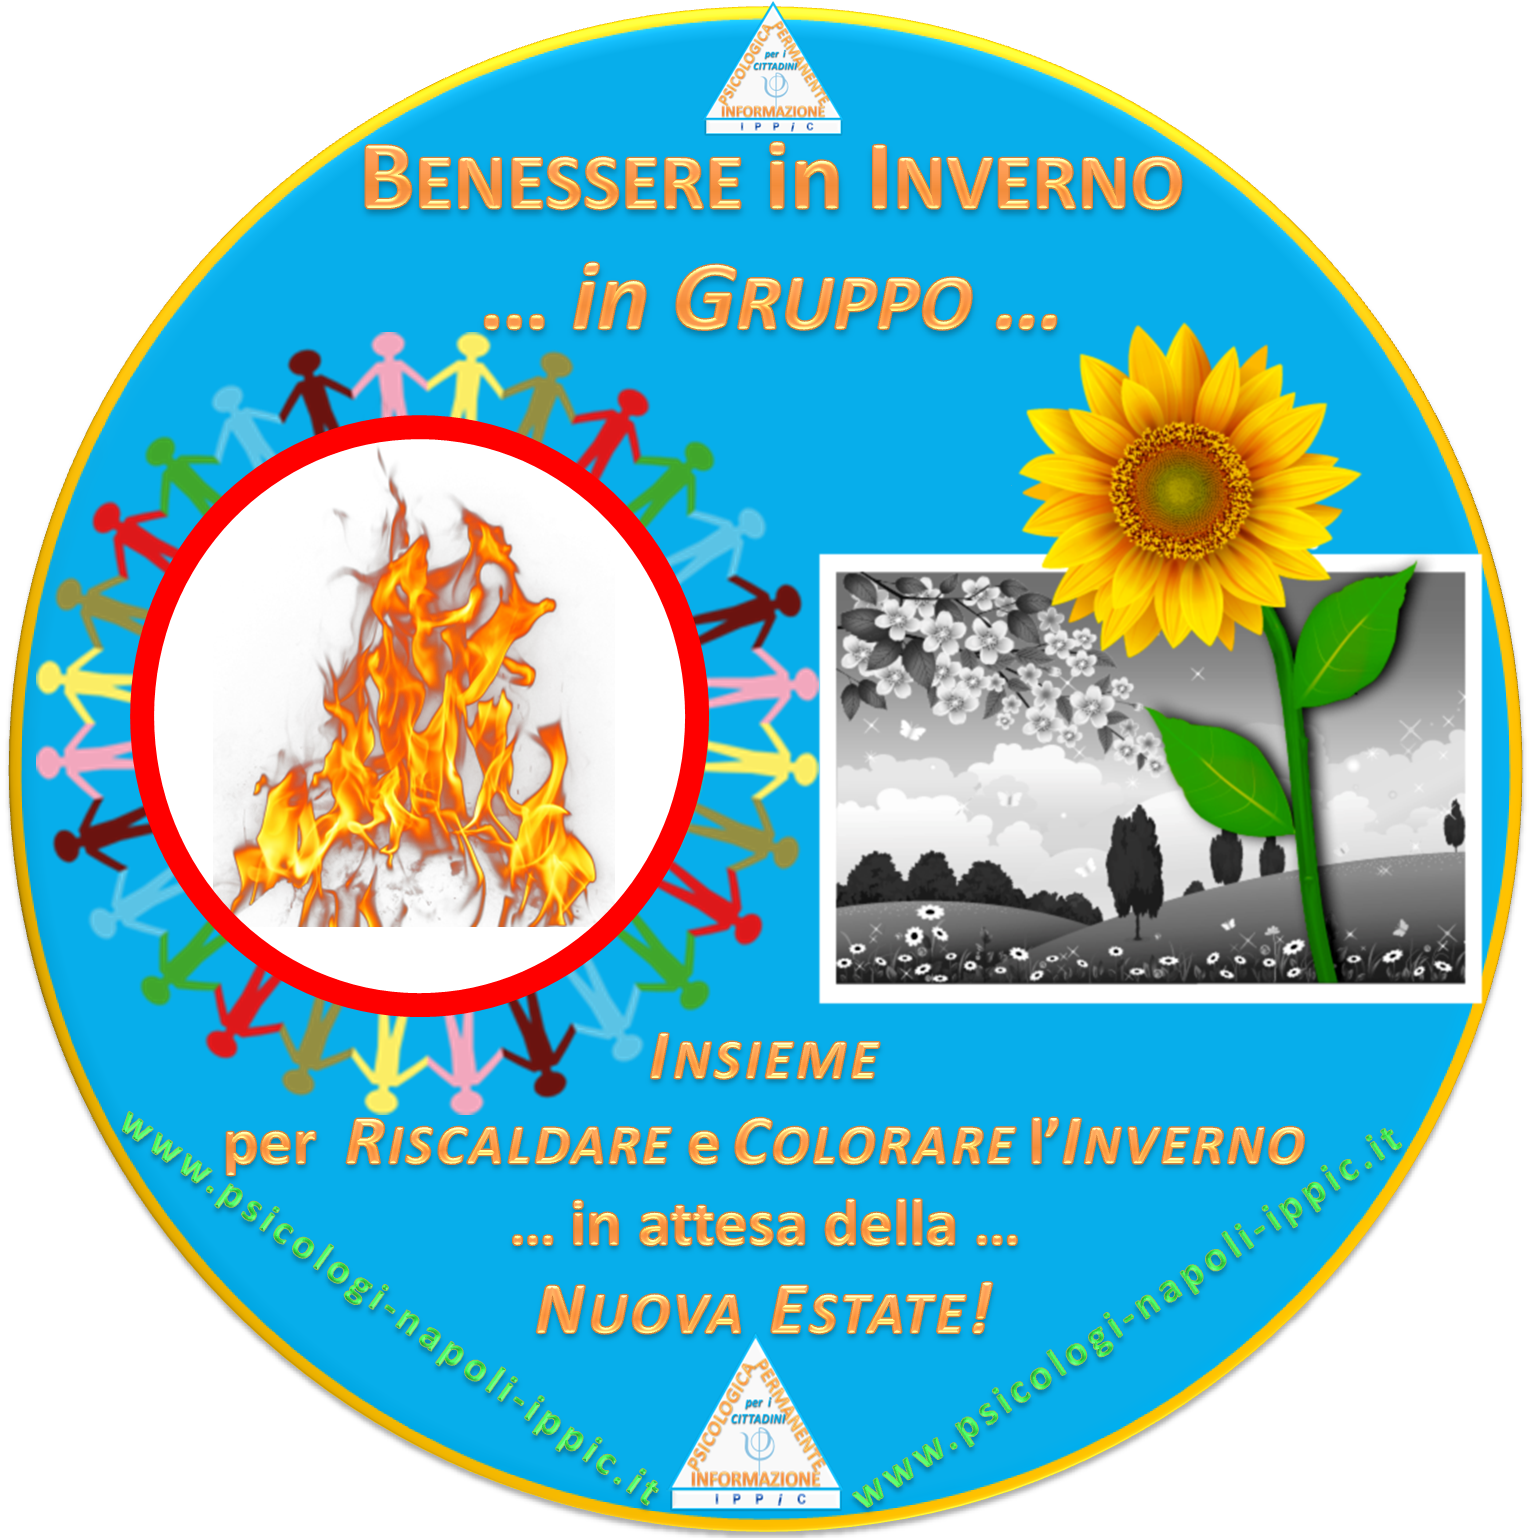 BENESSERE in INVERNO ... in GRUPPO